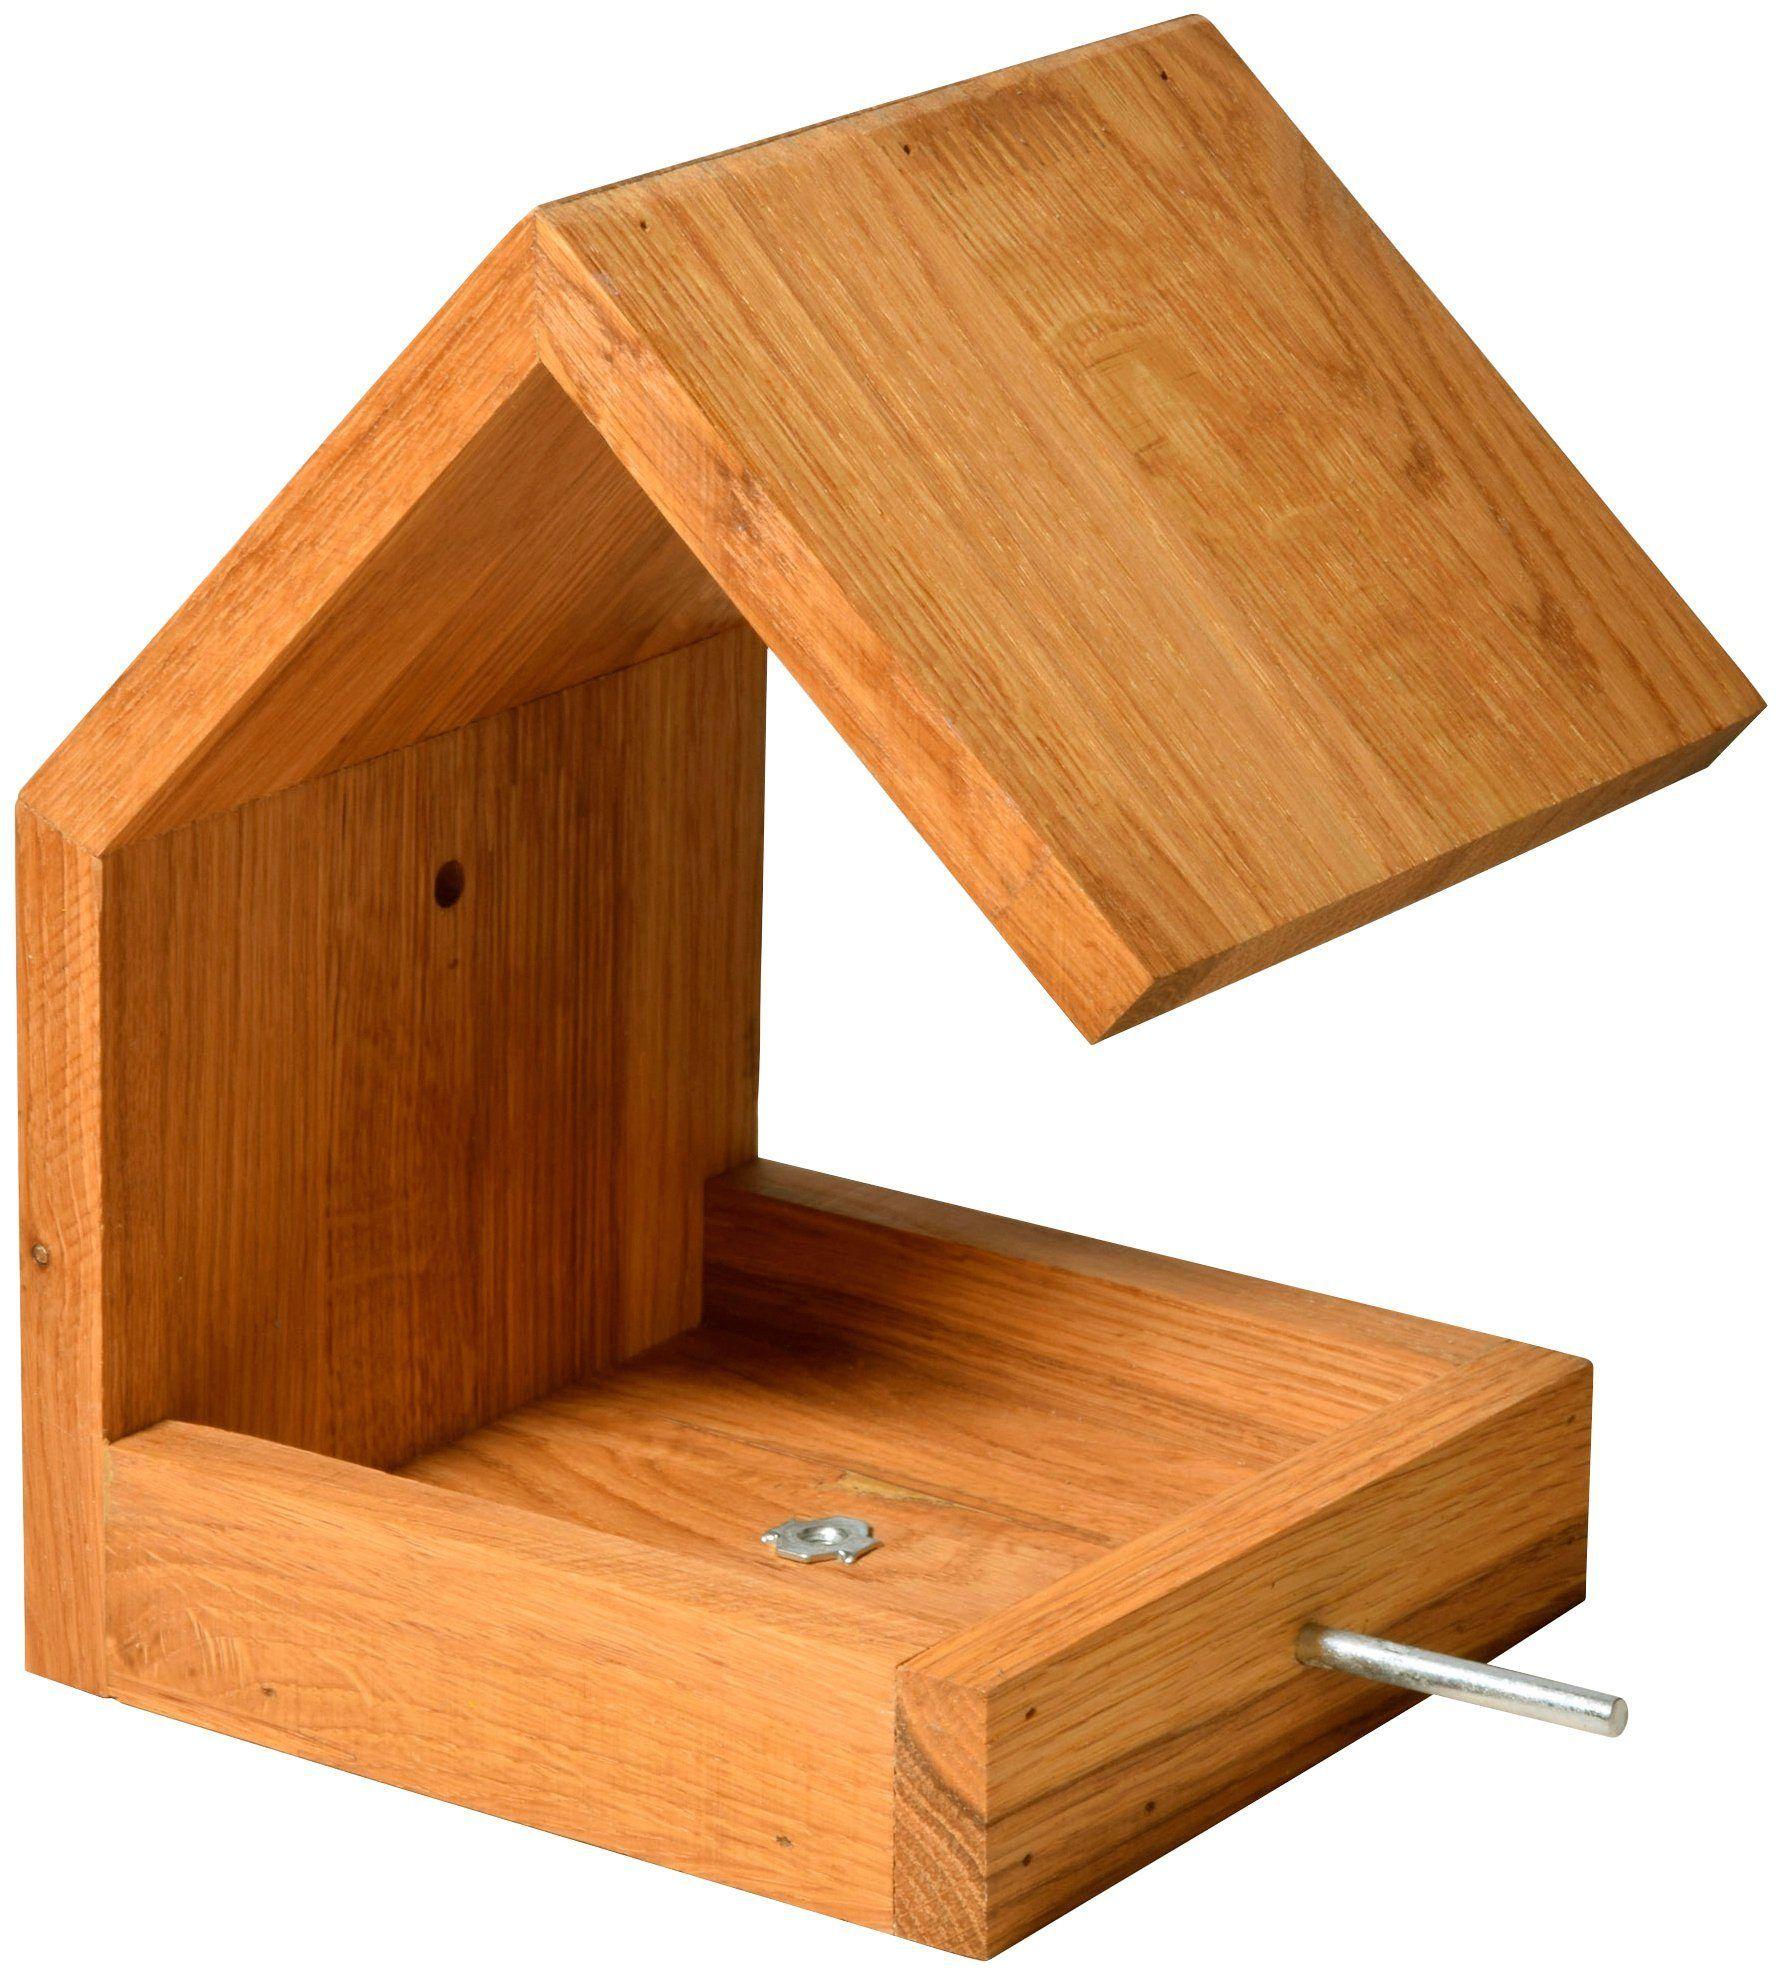 Luxus Vogelhaus Vogelhaus Bxtxh 16x19x22 Cm Otto Vogelhaus Vogelhaus Holz Eiche Holz